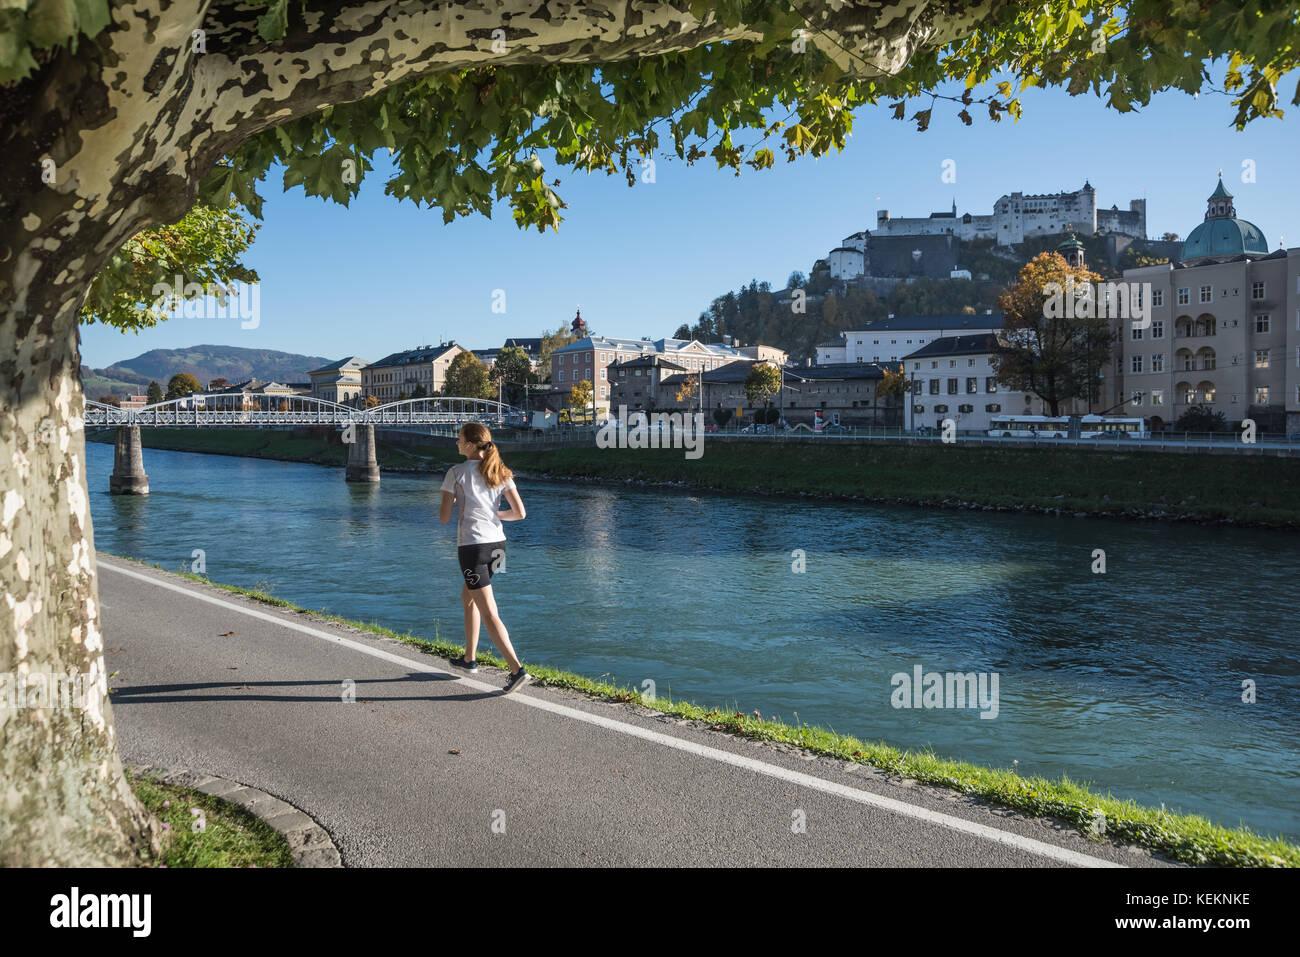 Salzburg, Joggerin an der Salzach, im Hintergrund die Festung Hohensalzburg - Salzburg, Jogging along the Banks - Stock Image